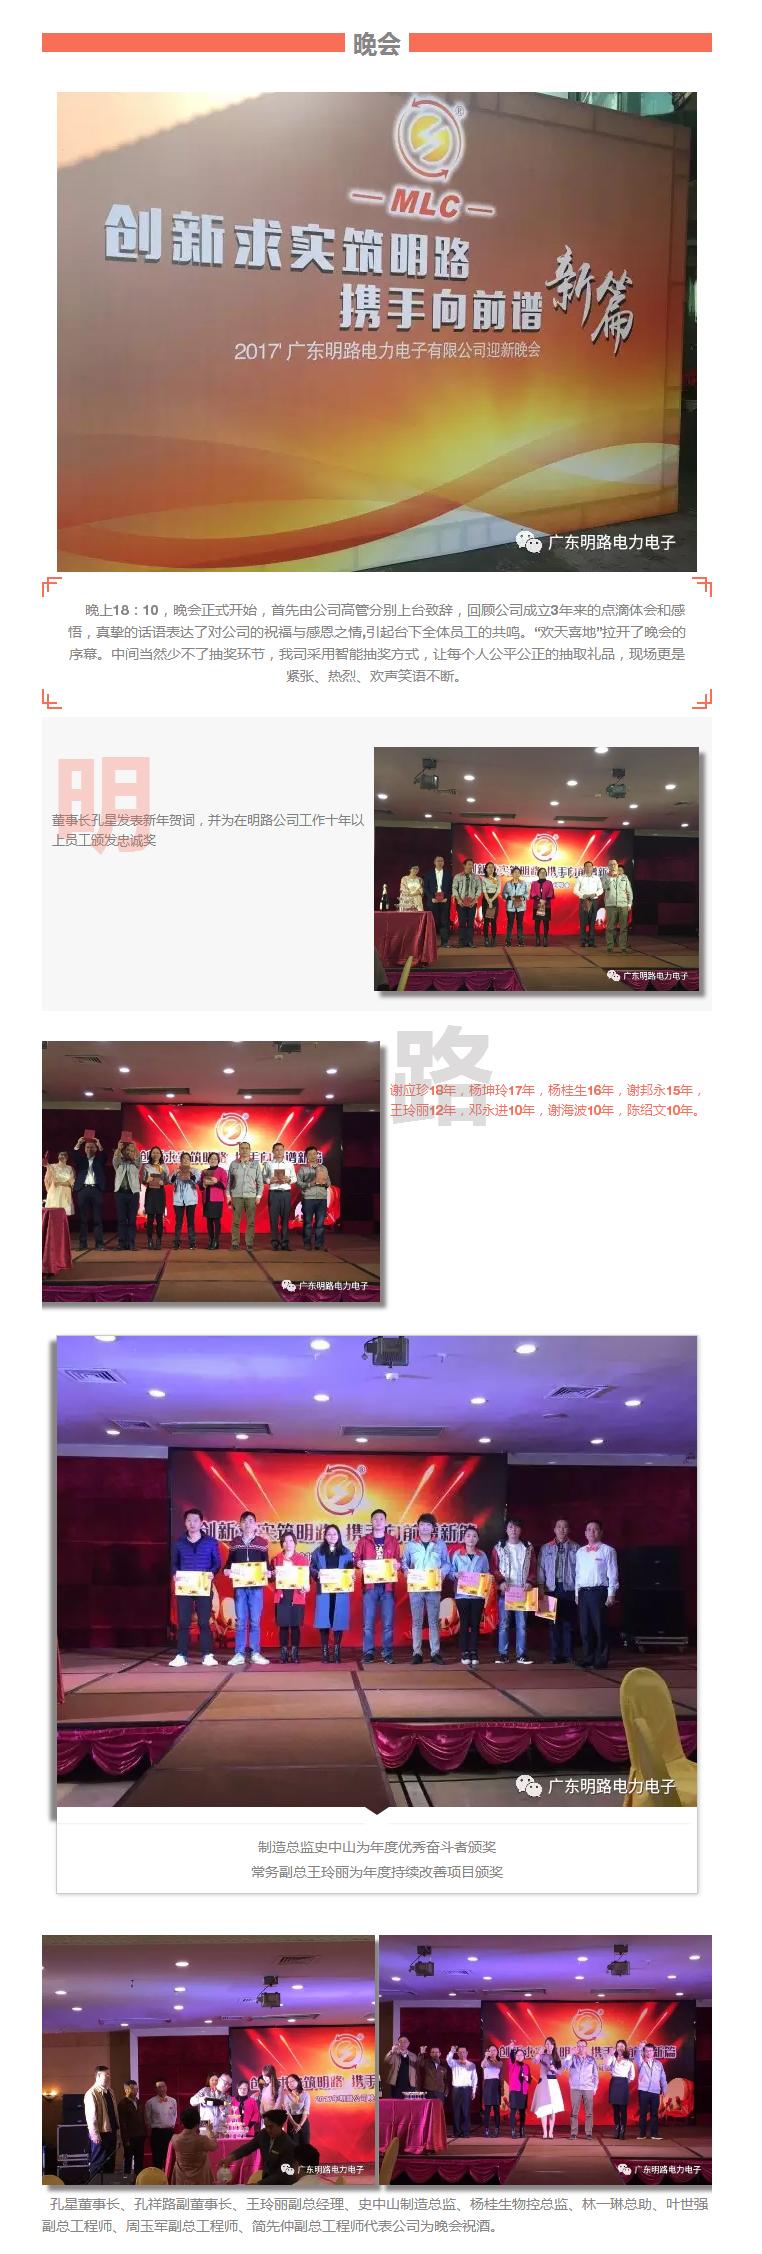 明路2016年度年会暨三周年庆典活动圆满举办!_11